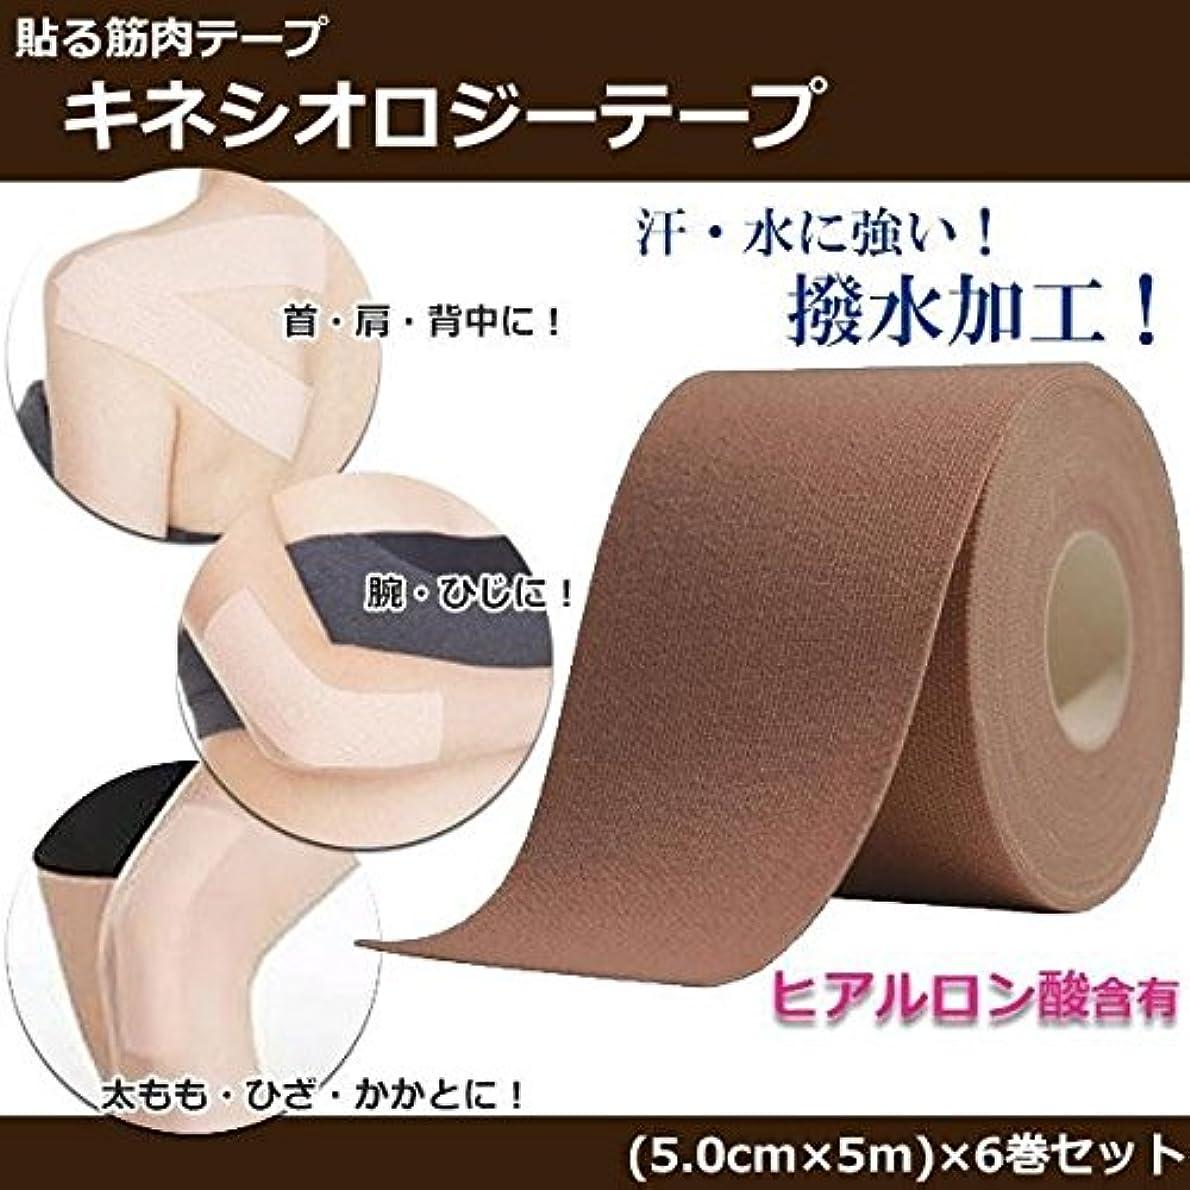 戦艦ファイアルなぜ貼る筋肉テープ キネシオロジーテープ ヒアルロン酸含有 日本製 6巻セット